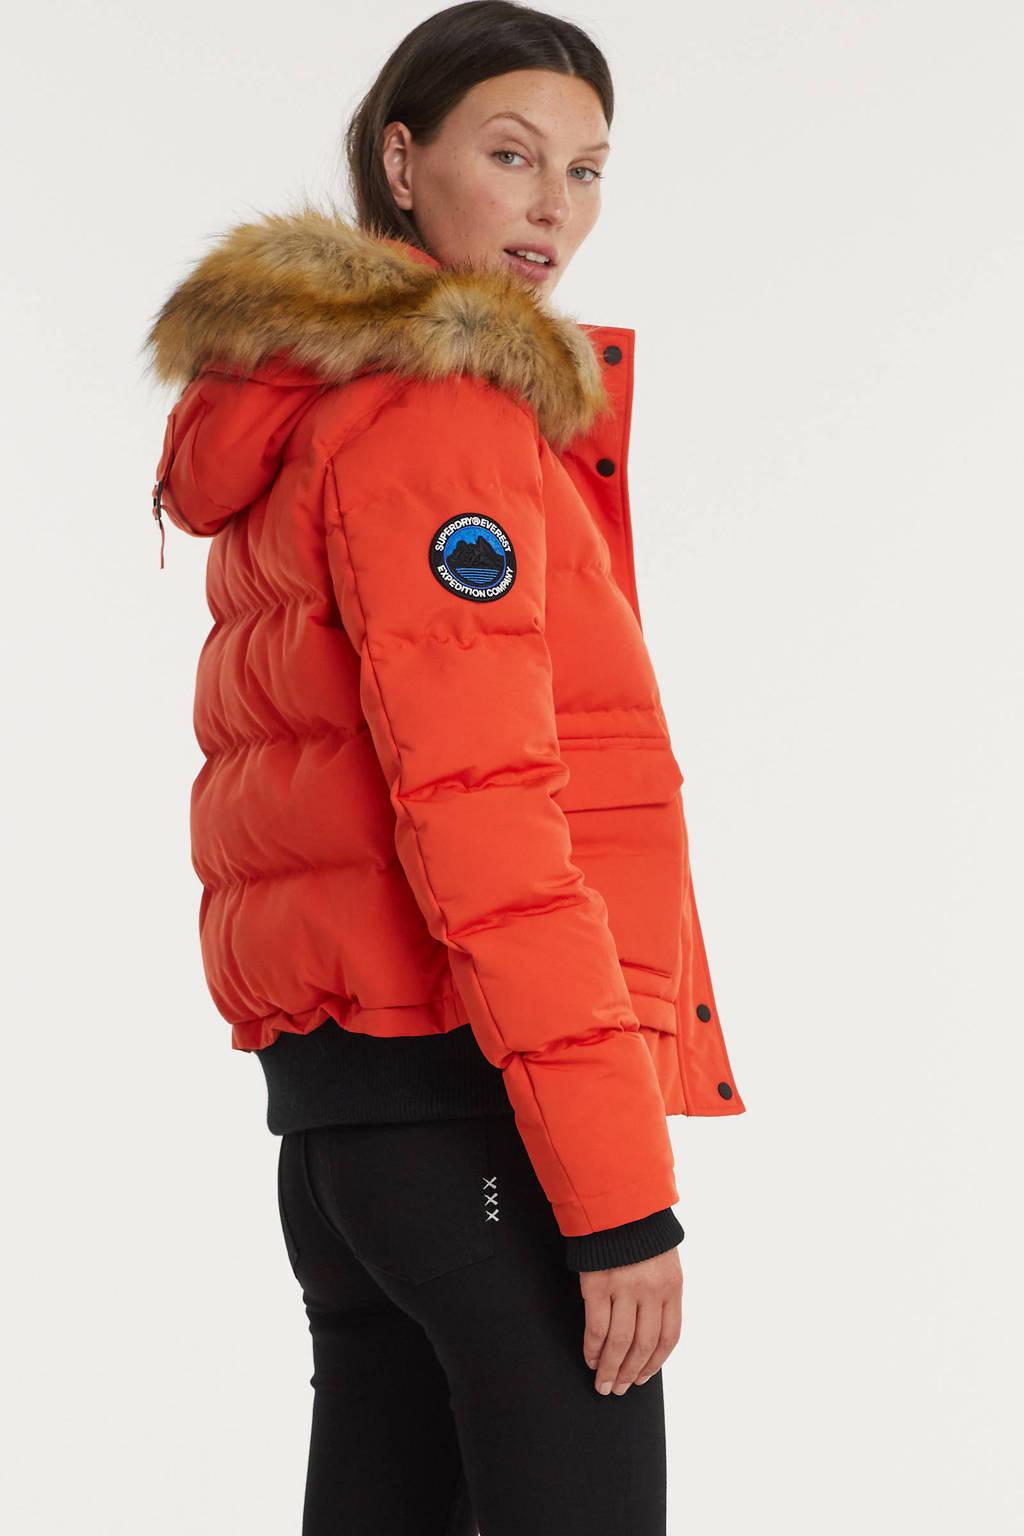 Superdry gewatteerde jas Everest oranje, Oranje